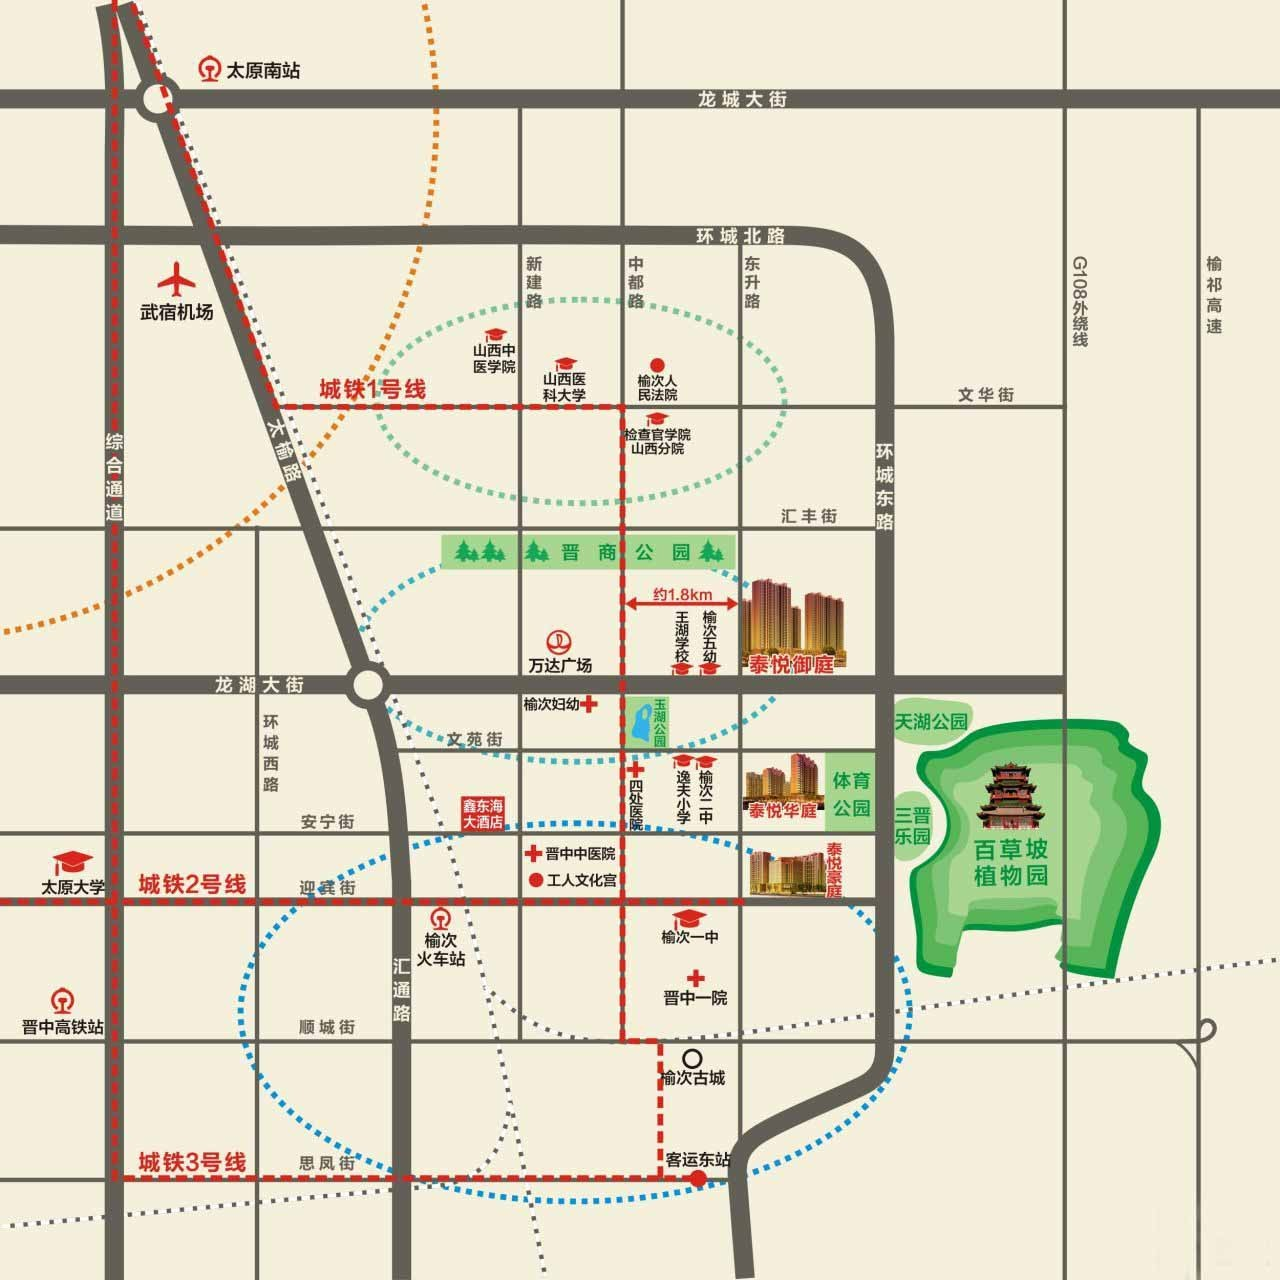 泰悦御庭位置图